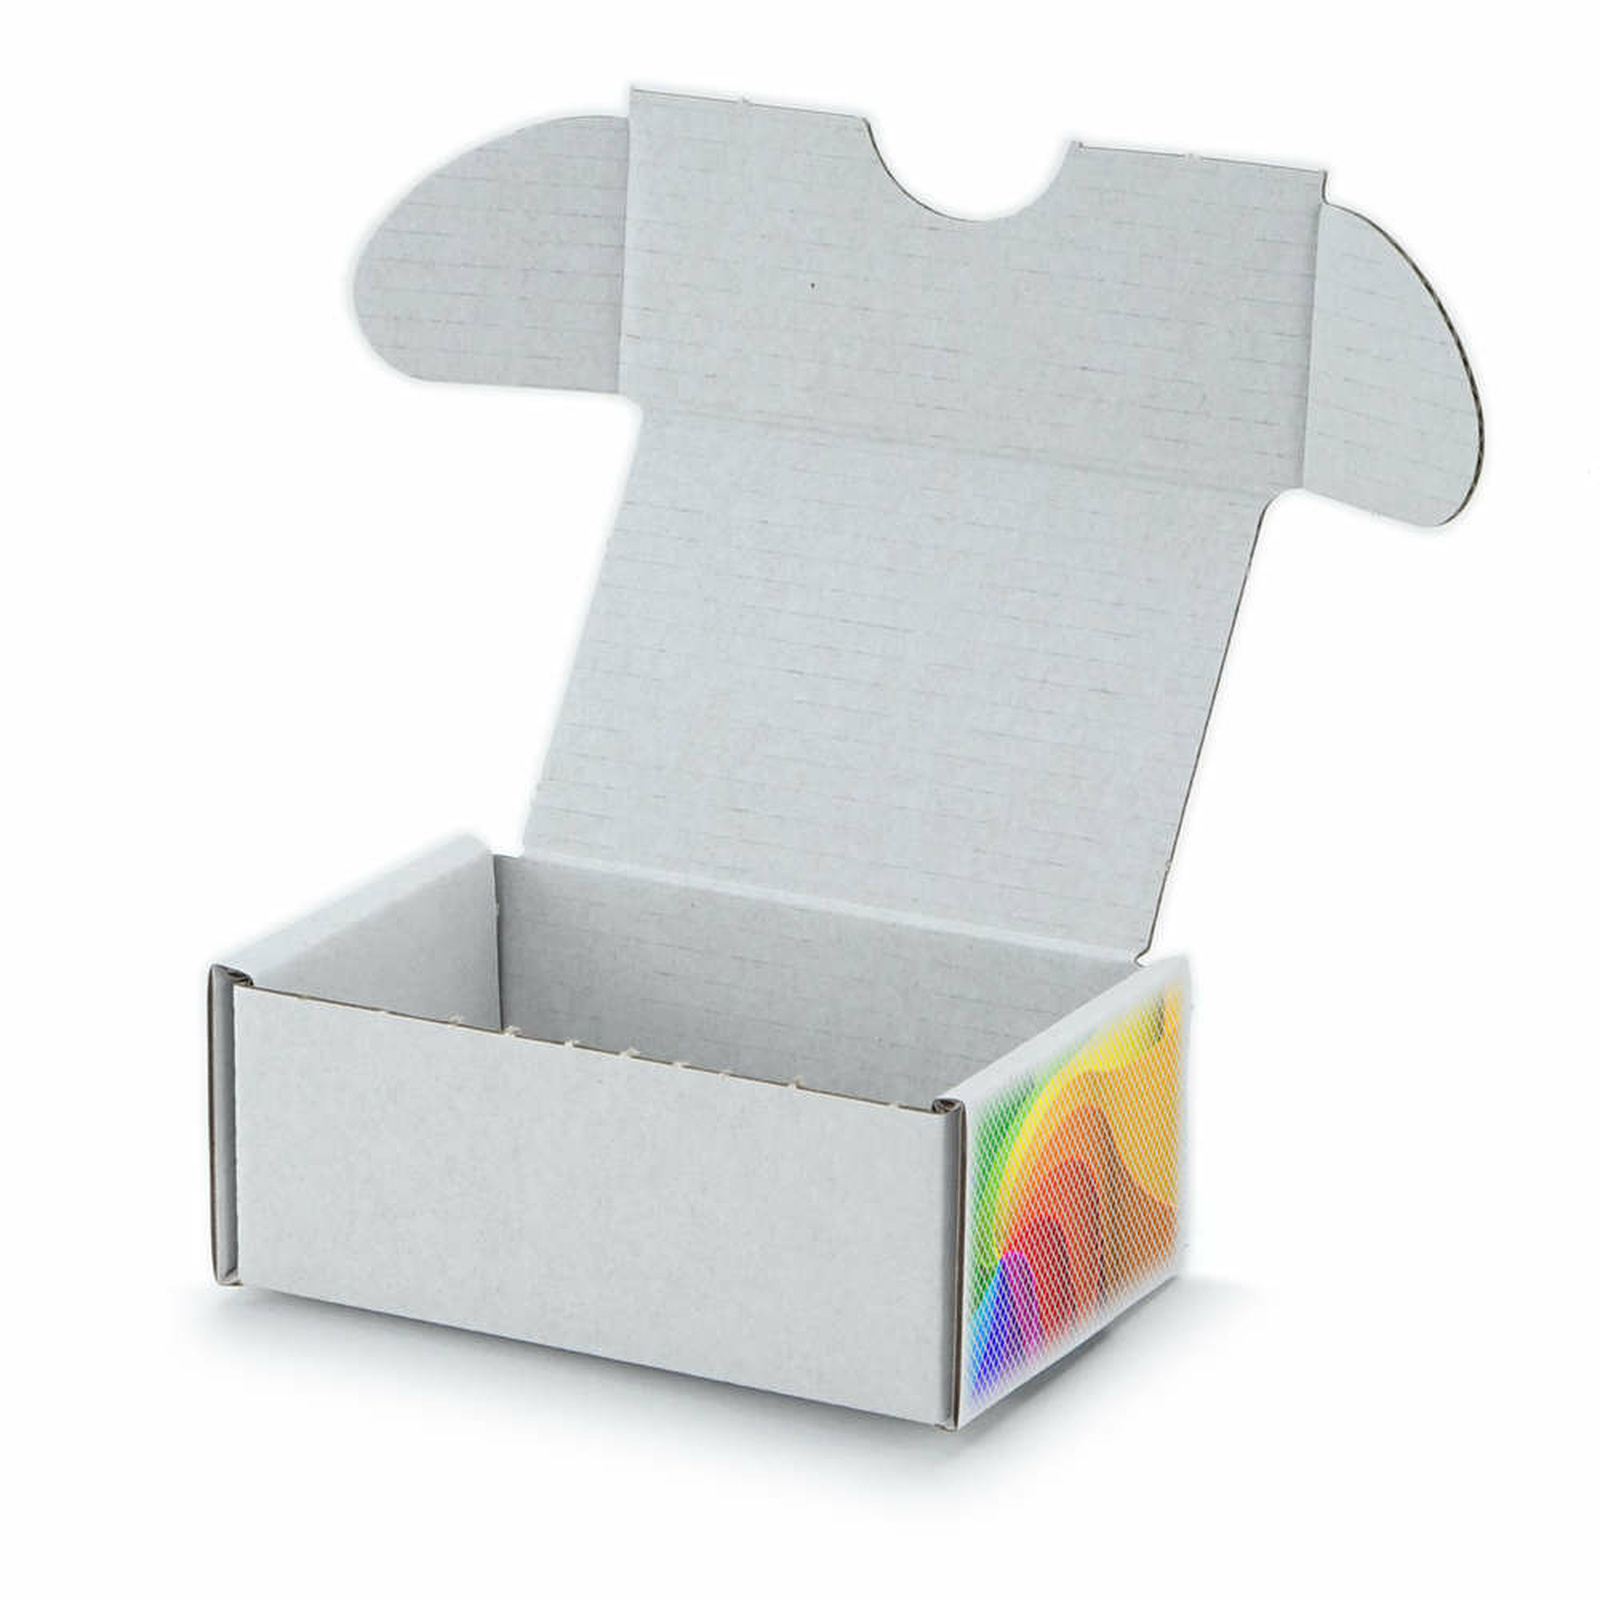 90x60x40 Mm Visitenkarten Schachtel Weiß Mit Digitaldruck